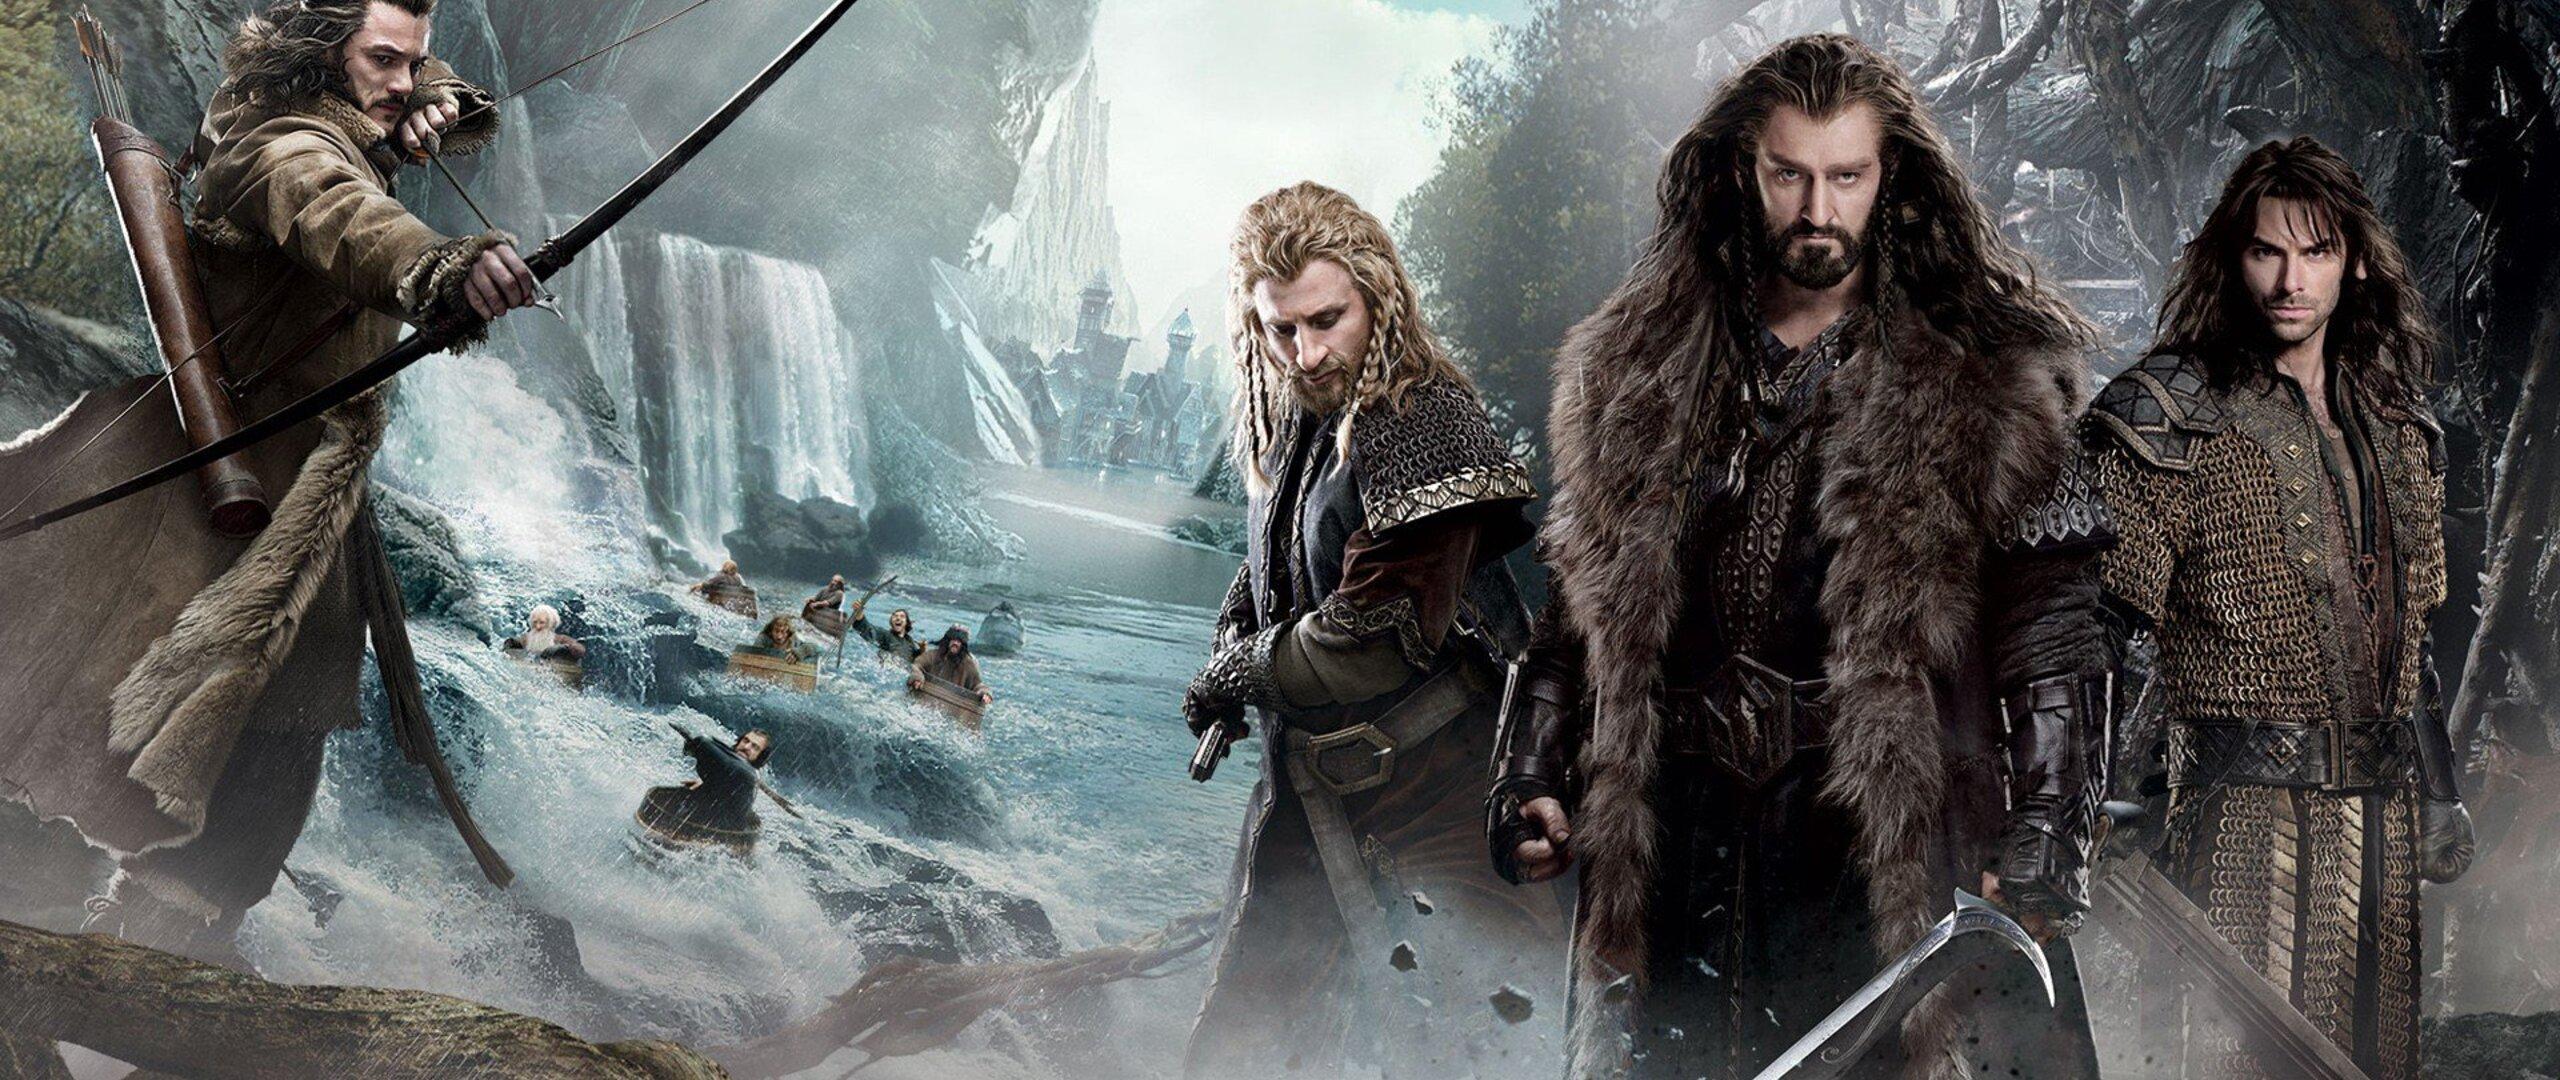 2560x1080 The Hobbit 2 Movie 2560x1080 Resolution HD 4k